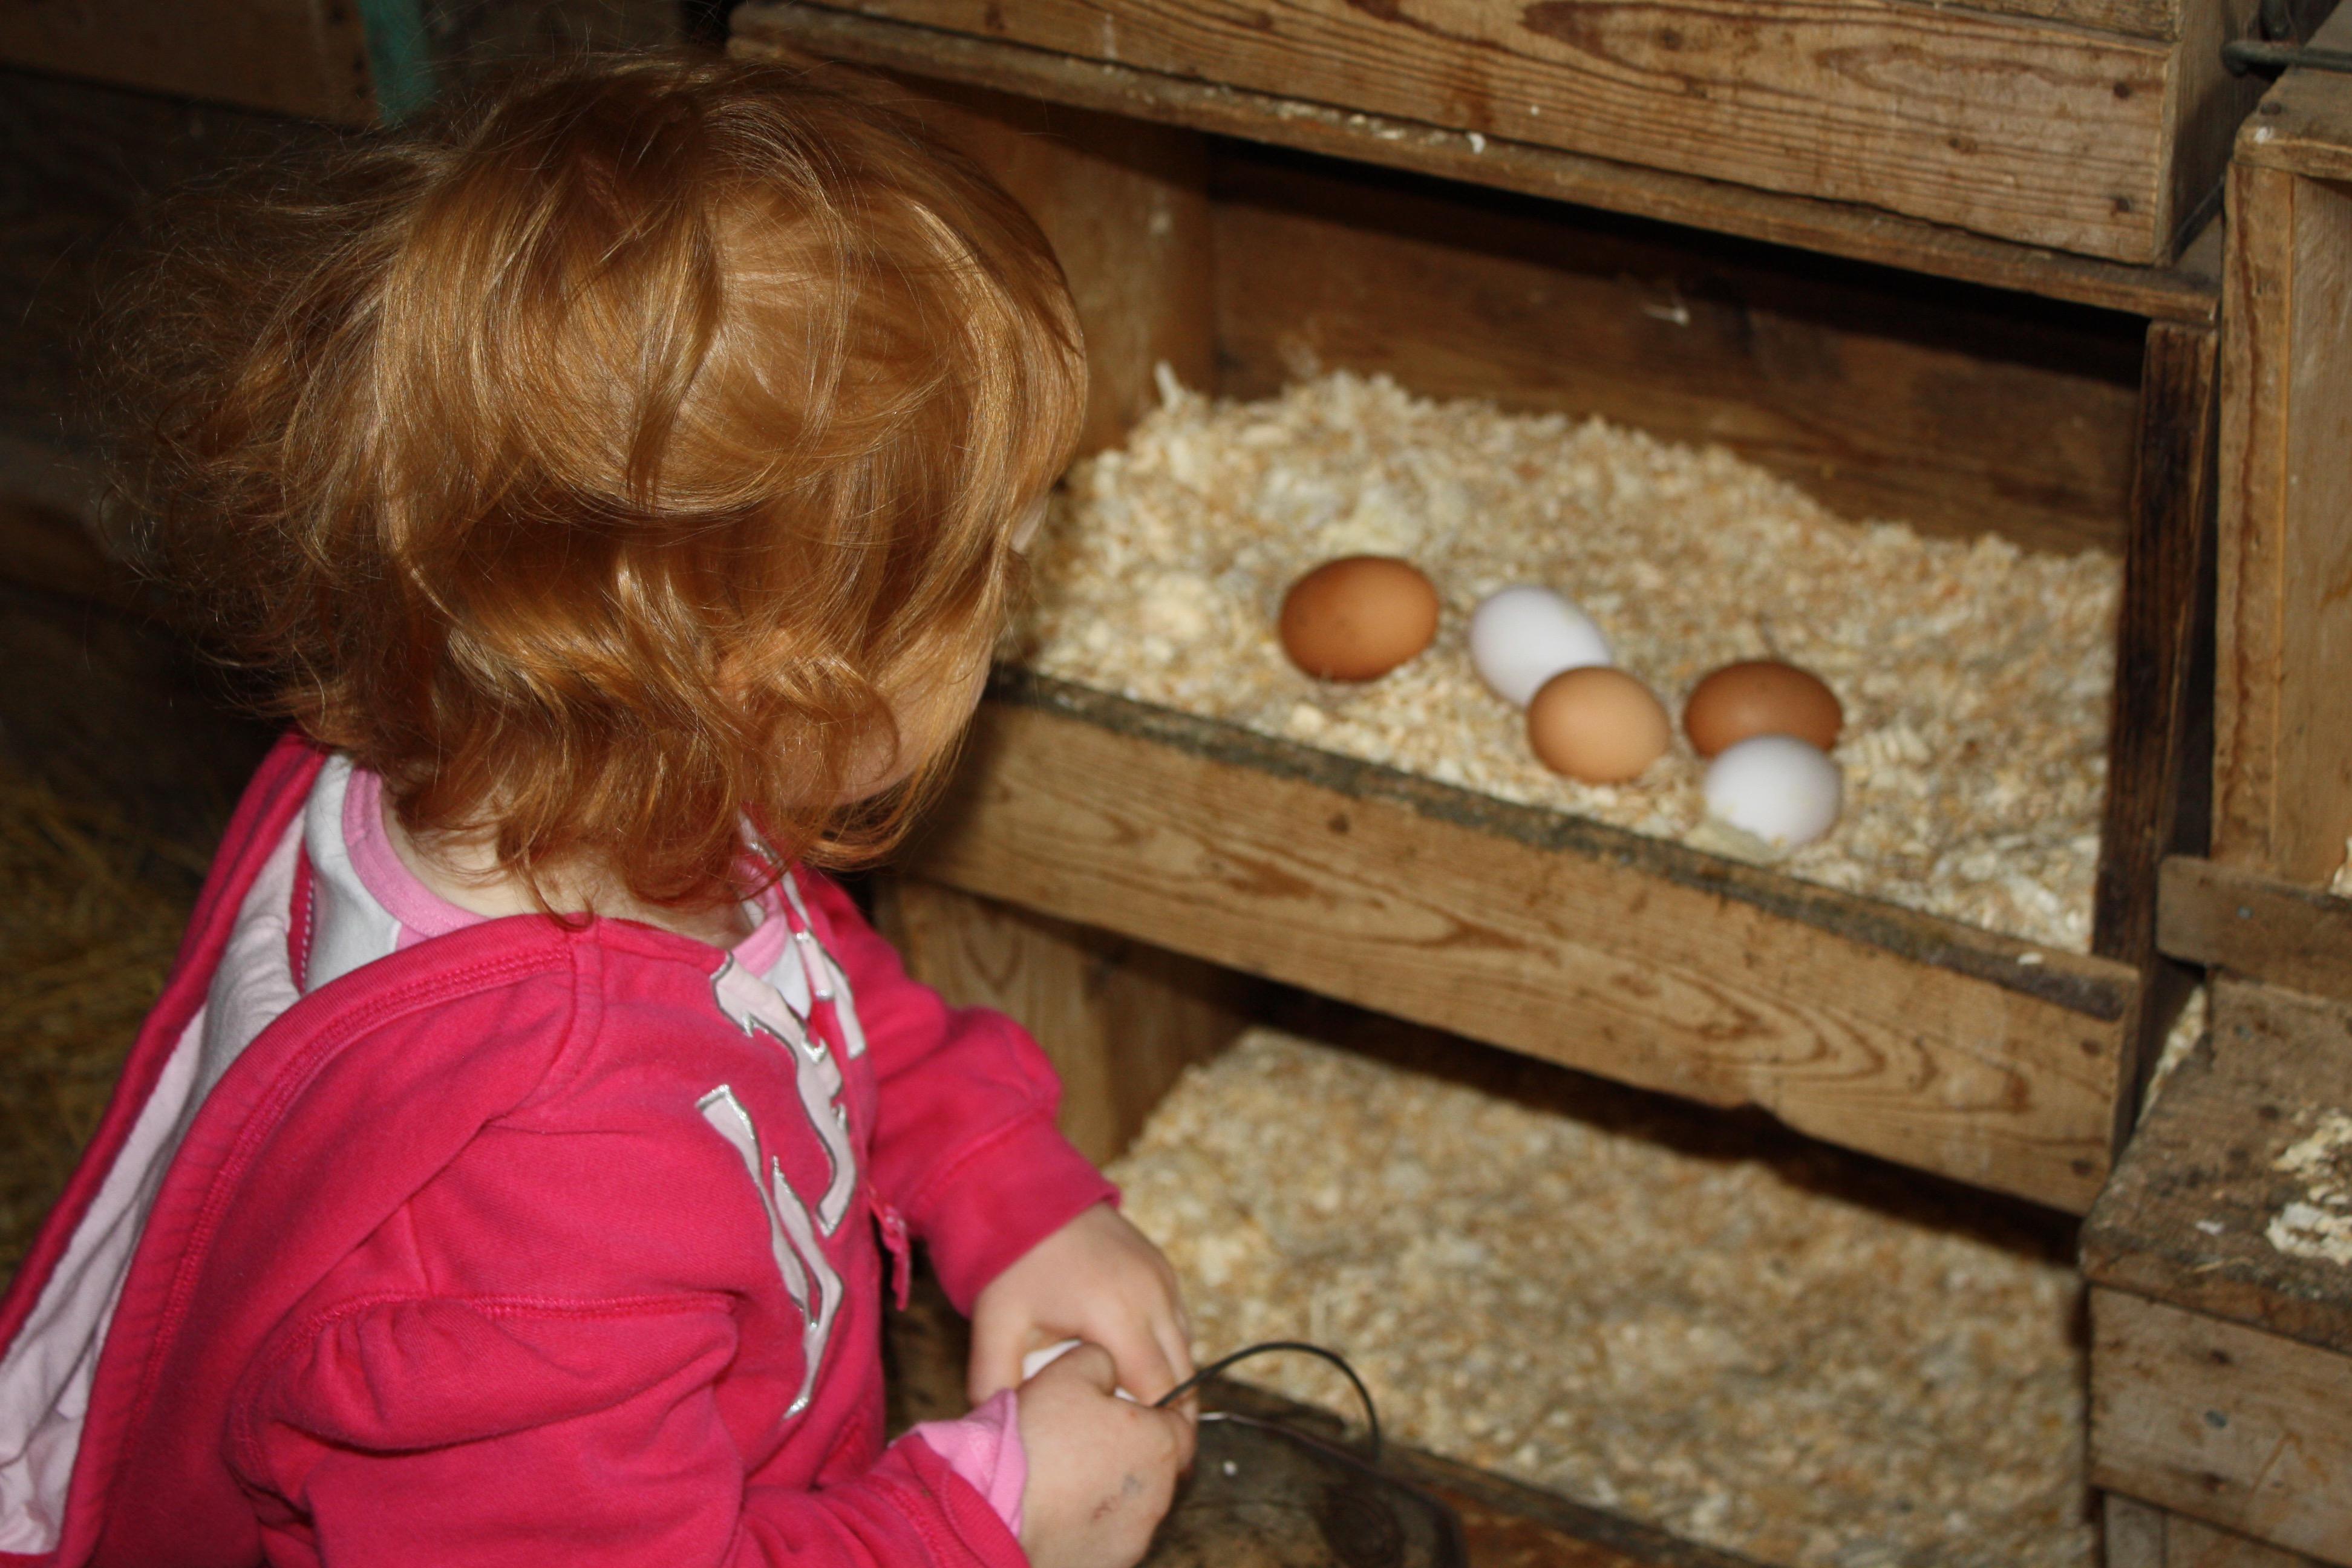 Sch visit eggs